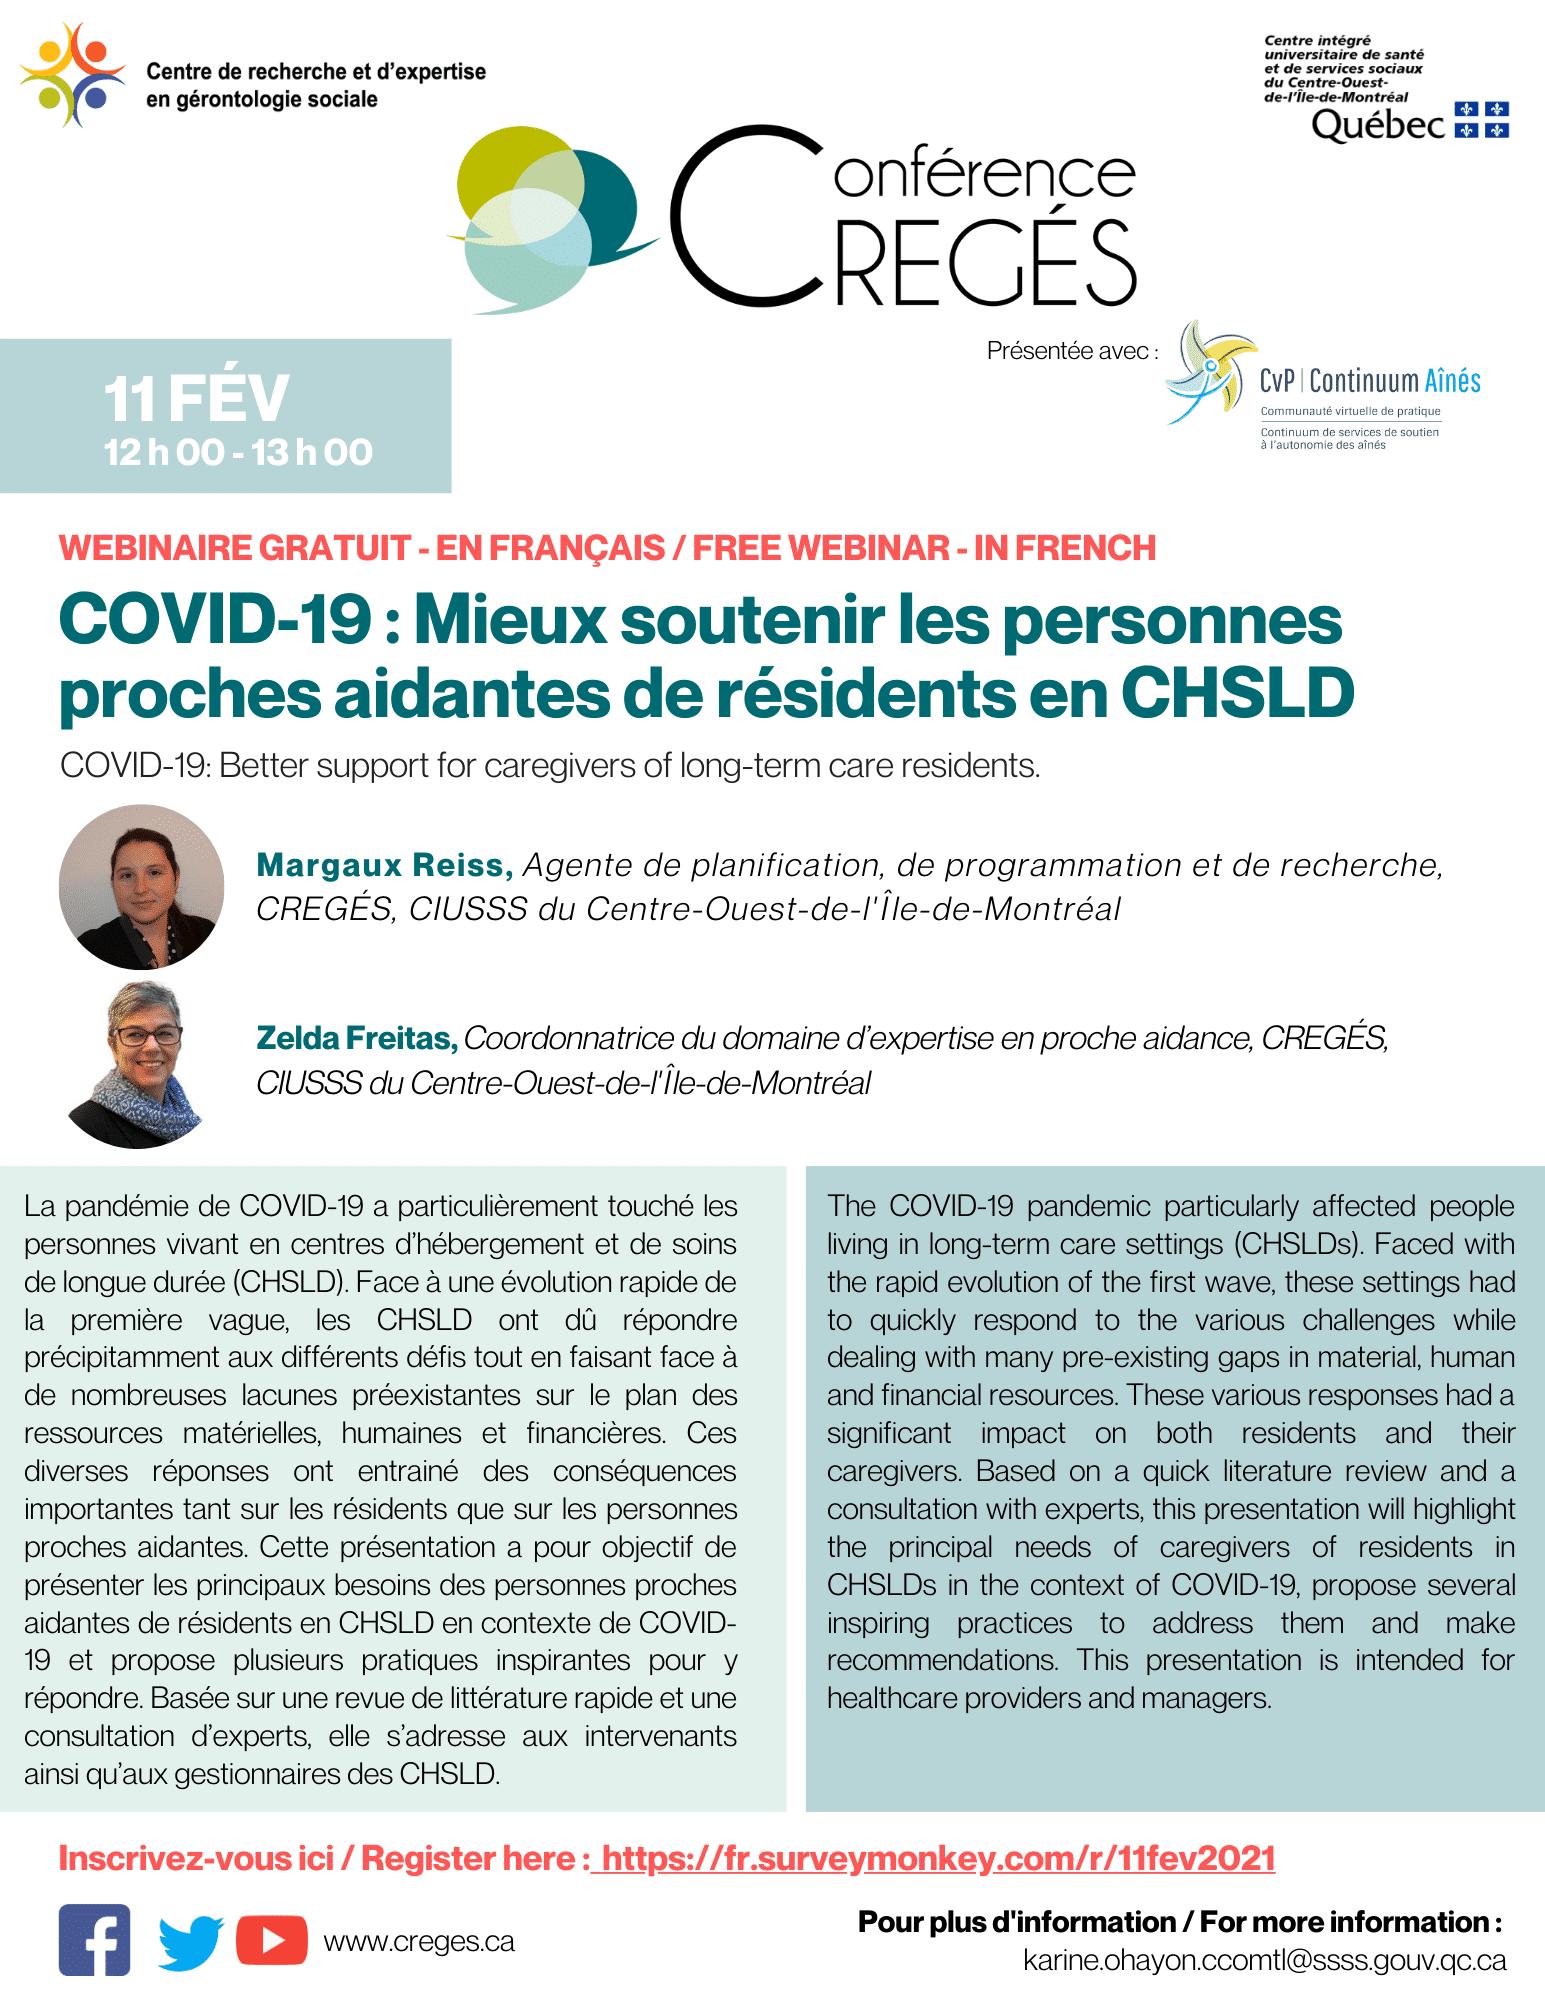 Rapport et Webinaire – Personnes proches aidantes de résidents des milieux d'hébergement et de soins de longue durée en contexte de COVID-19 : état des connaissances, pratiques inspirantes et recommandations